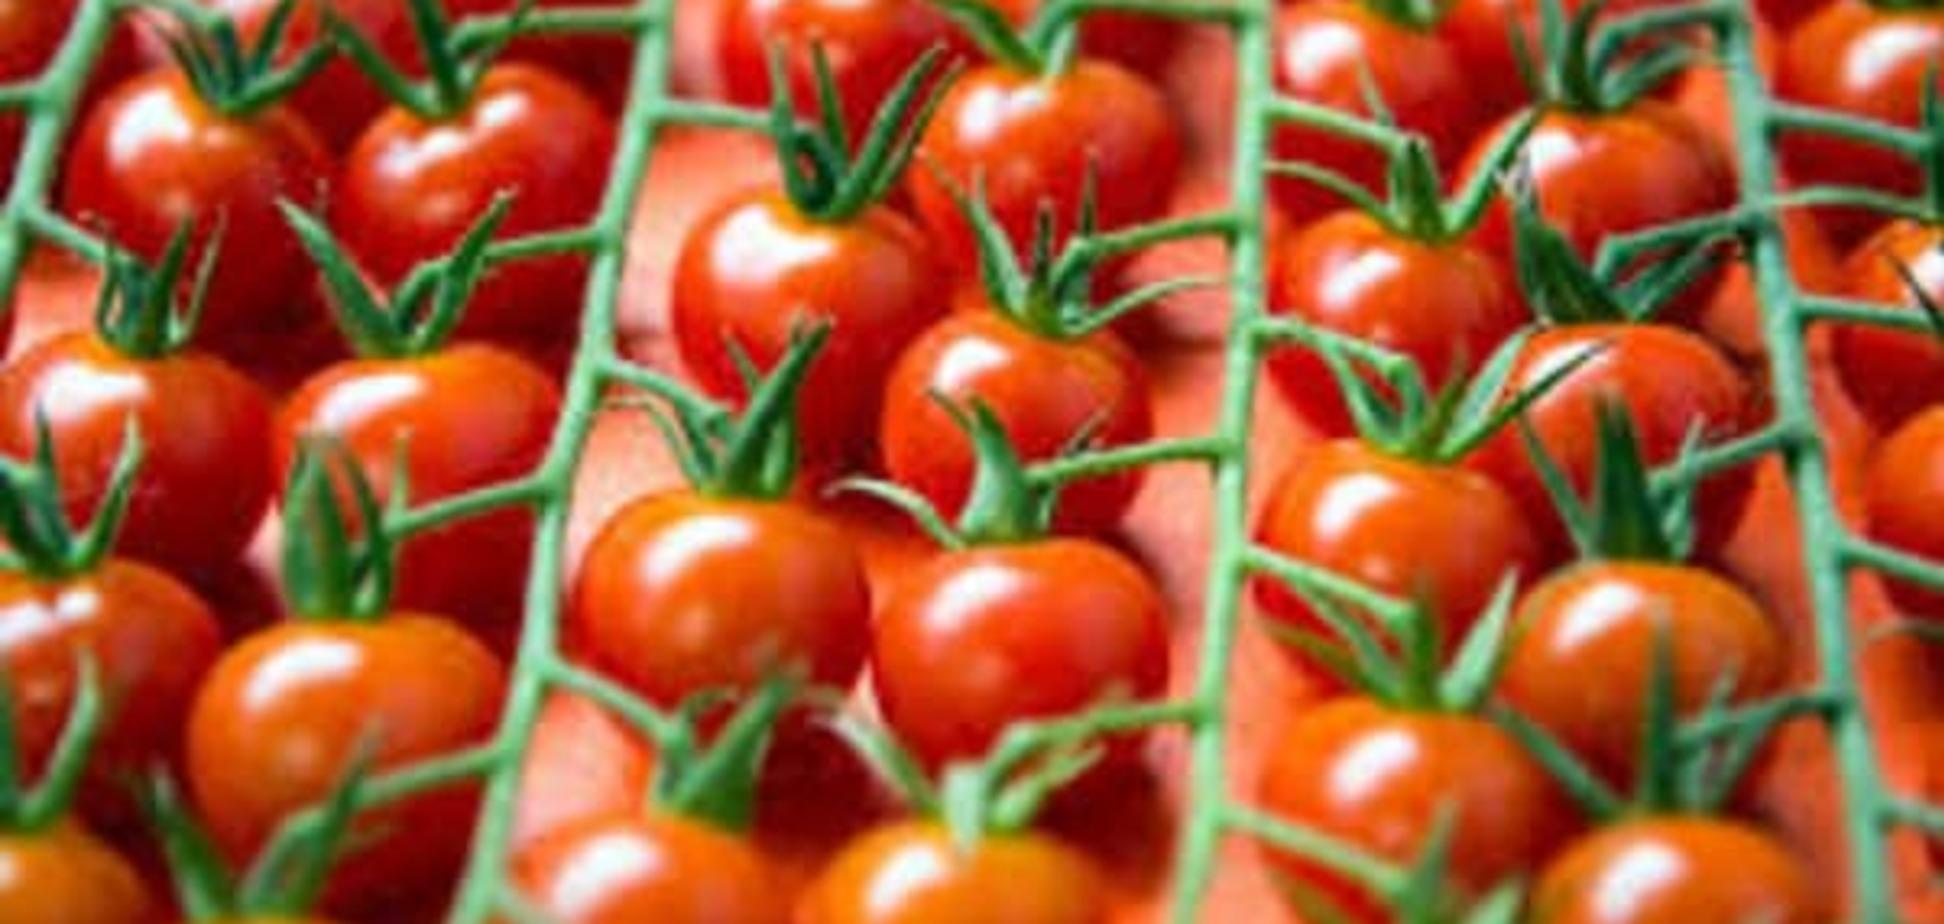 Росія заборонить ввезення овочів і фруктів: під загрозою понад 10 країн